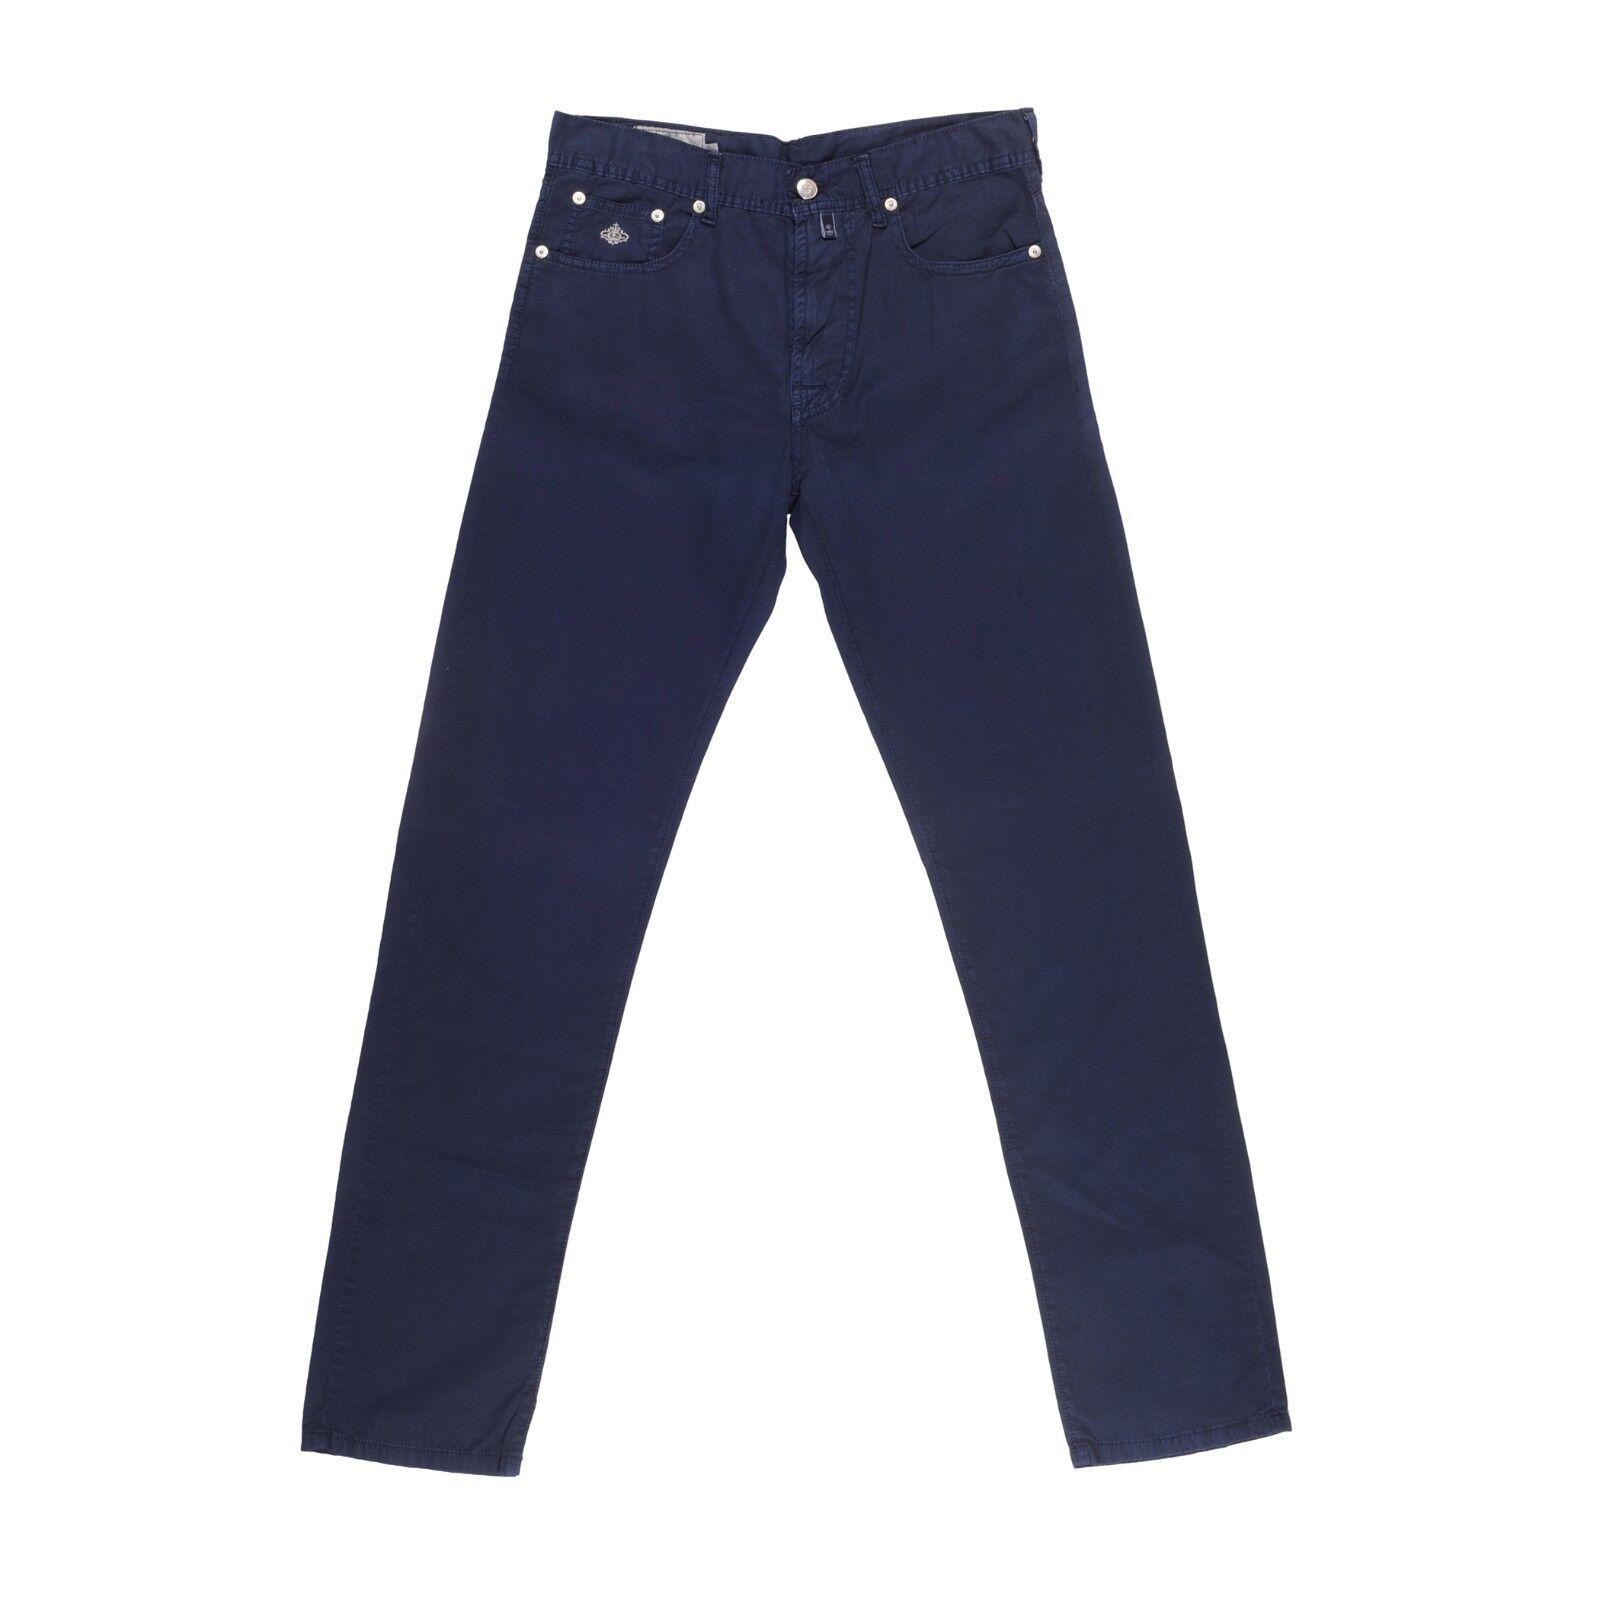 Luigi Borrelli 5 Tasche Blau 100% Cotton Jeans Stil Hosen Größe 31 Neu Br180